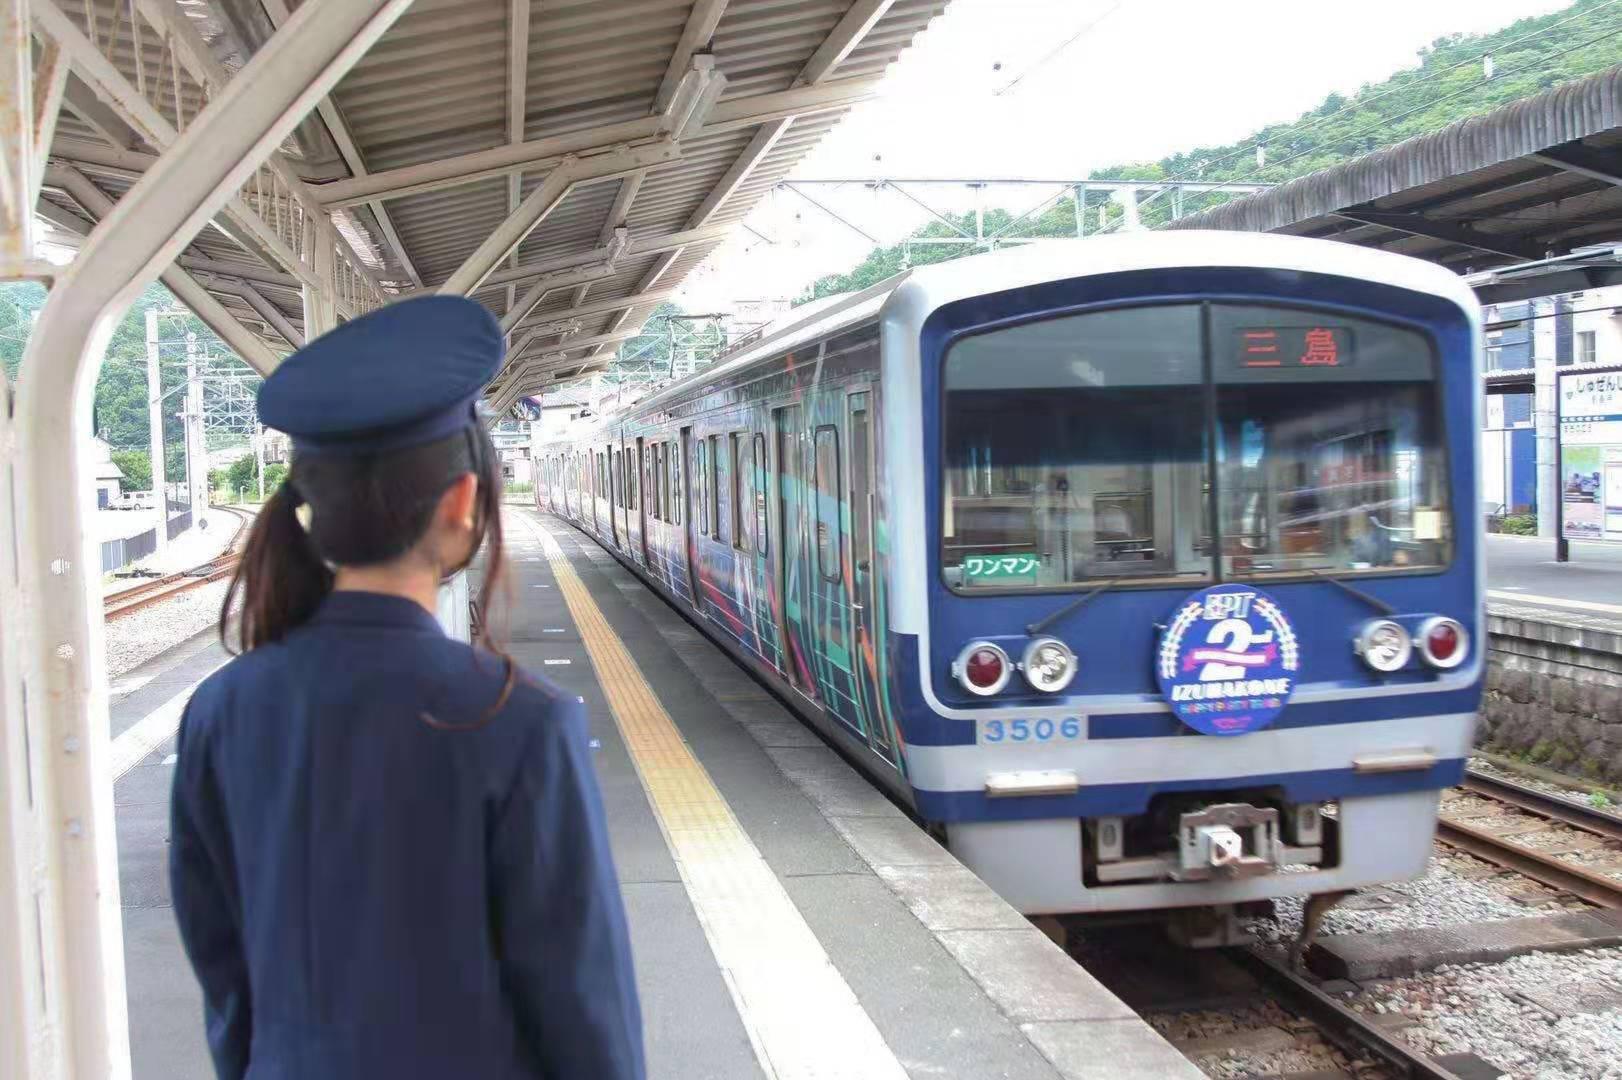 【悲報】ラブライブ!サンシャイン!!のラッピング電車2020年3月に運行終了へ 伊豆箱根鉄道